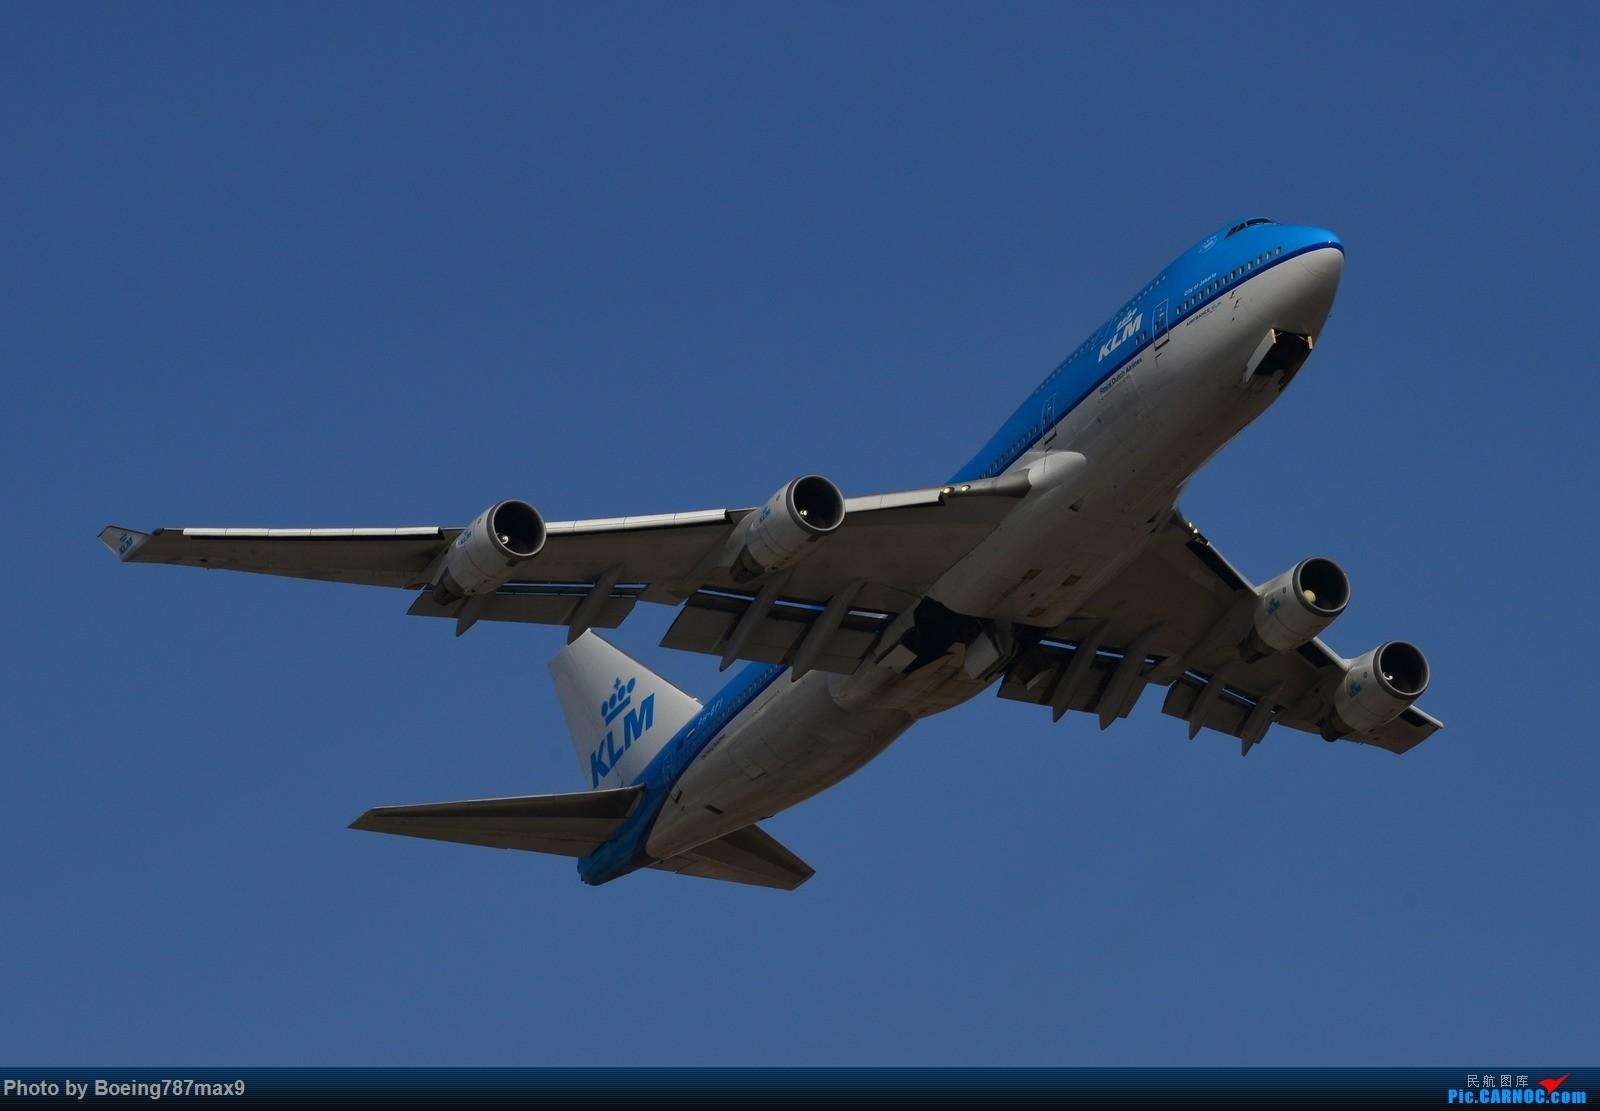 [原创]【PEK】今日东停车场蹲点,好货一堆。KLM744、DELTA763、国航星空332、国航748、最重要的是朝鲜的图204、还有国航中法50年77W、汉莎346 BOEING 747-400 PH-BFI 中国北京首都国际机场